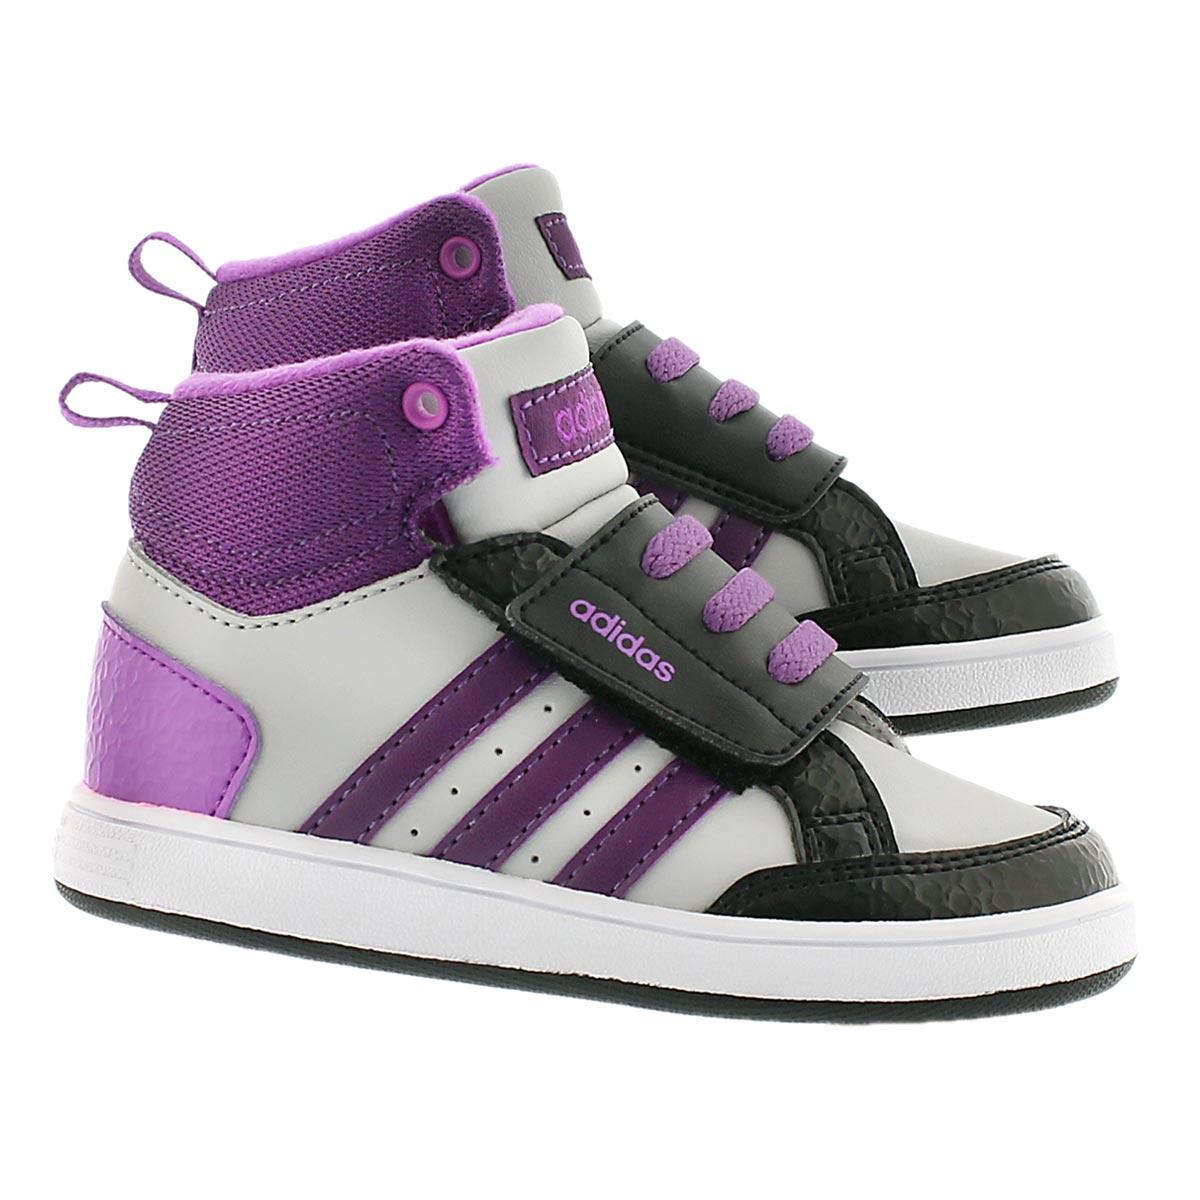 Infs Hoops CMF Mid ppl hook&loop sneaker